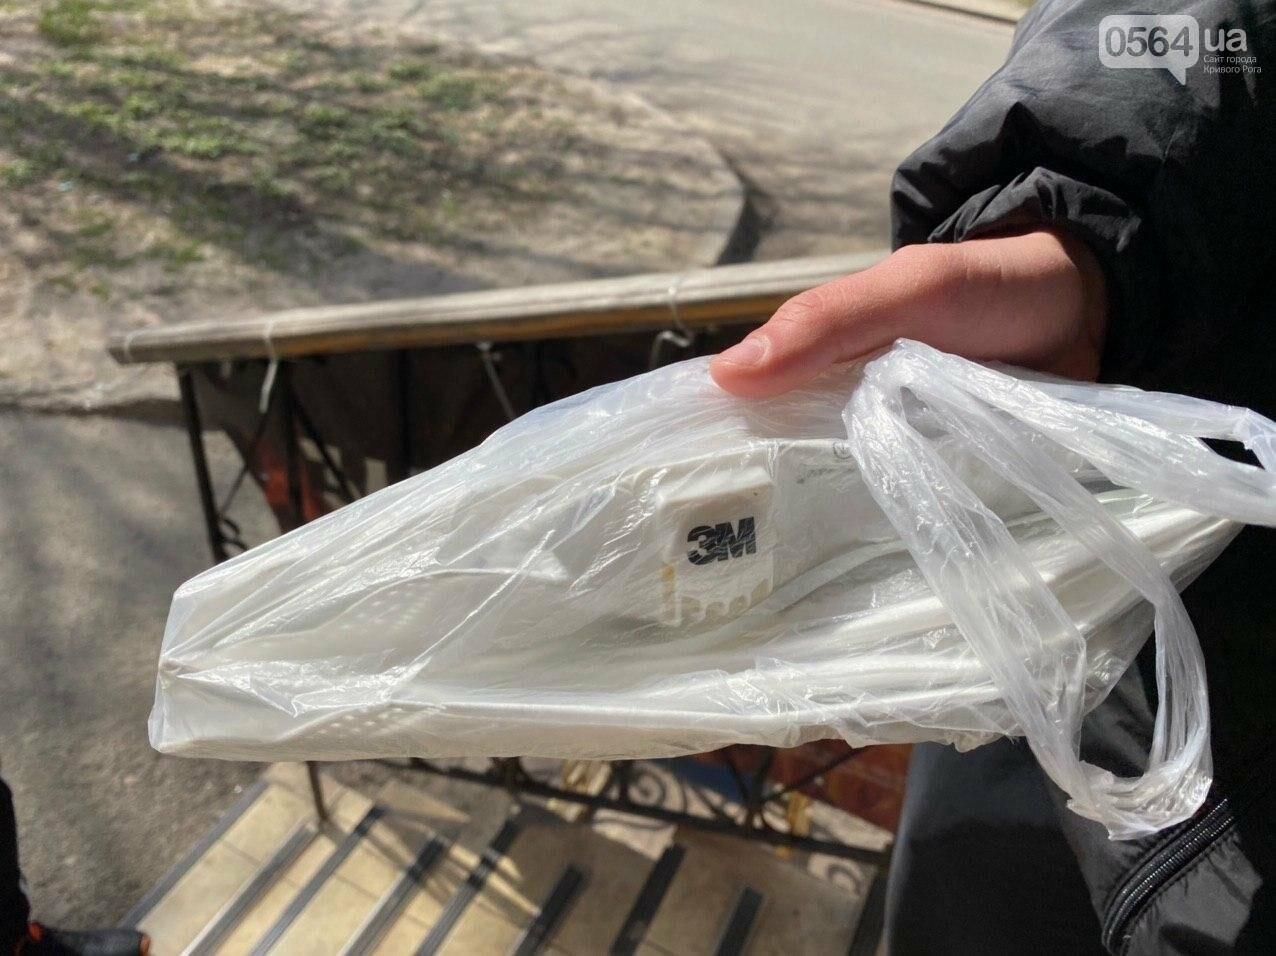 Маска и антисептик: где в Кривом Роге можно приобрести средства защиты во время карантина, - ФОТО , фото-12